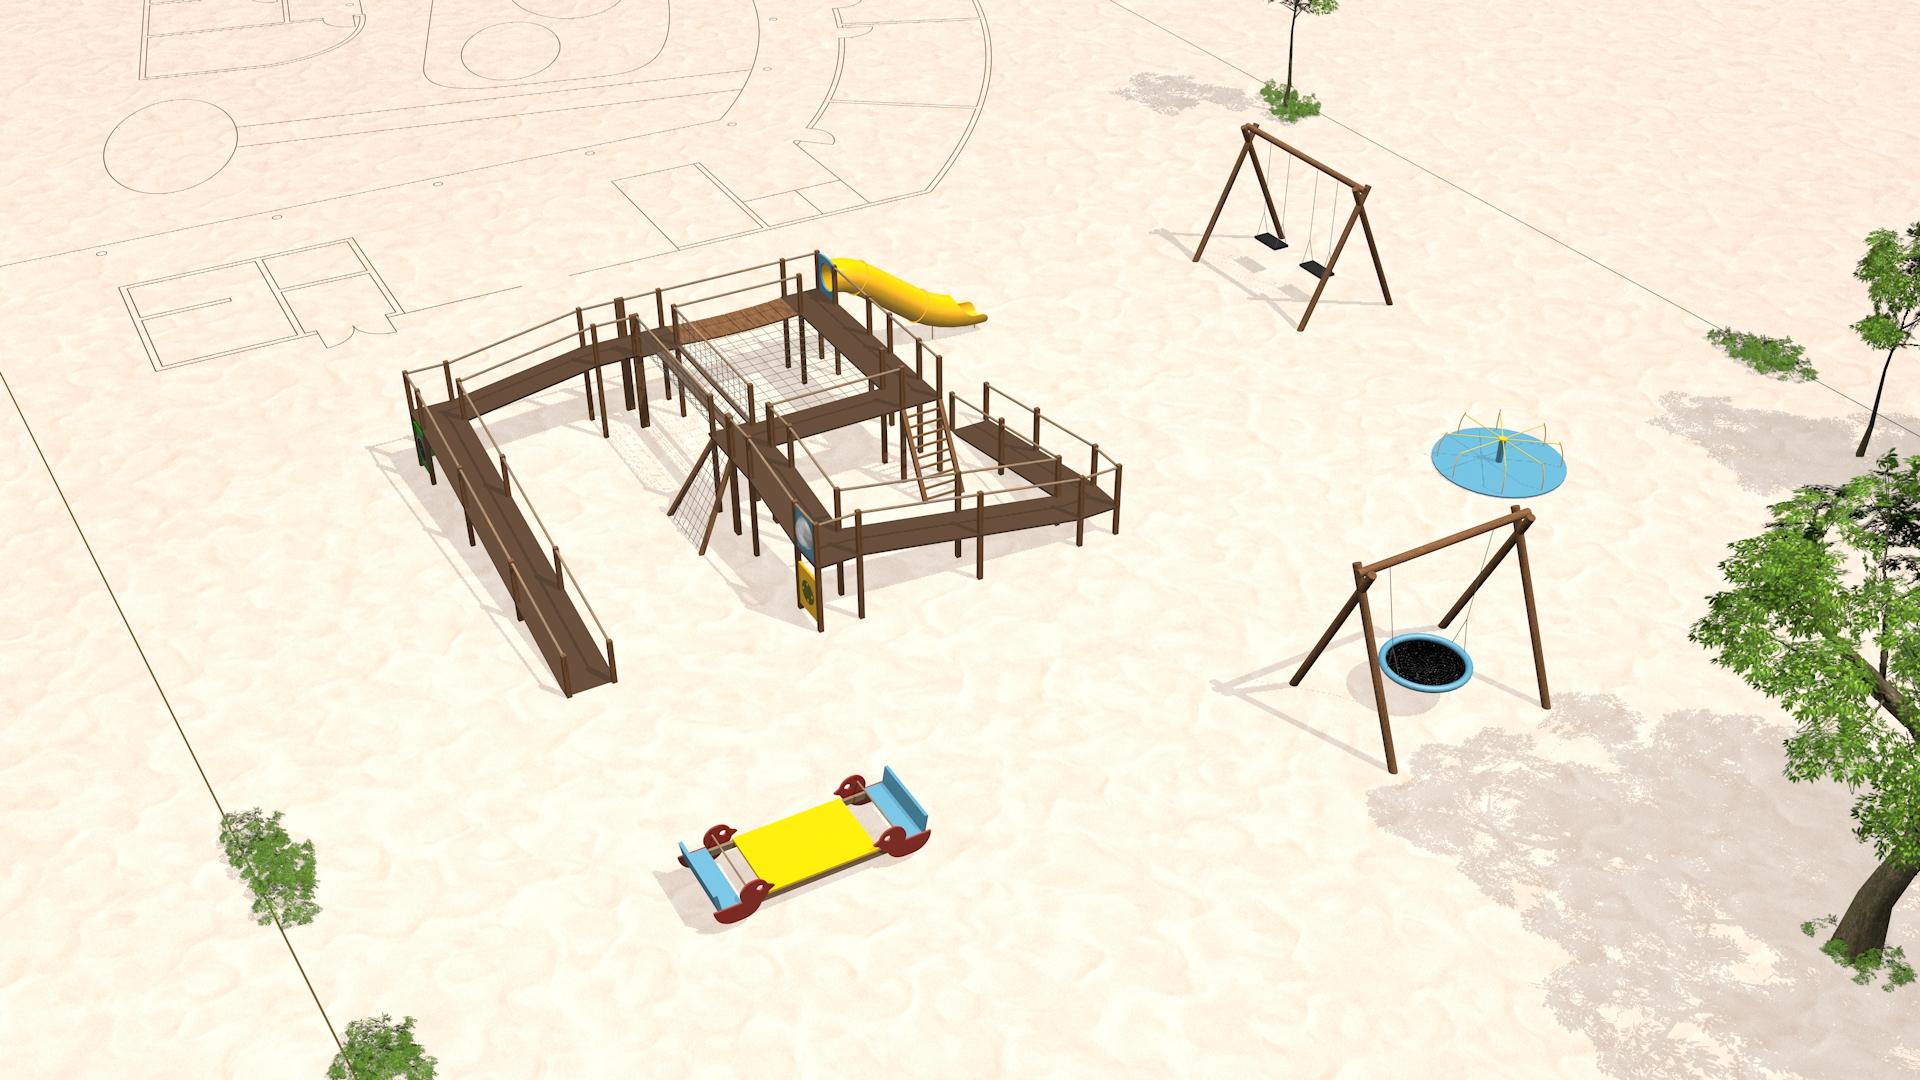 DA_playground_still_05.jpg